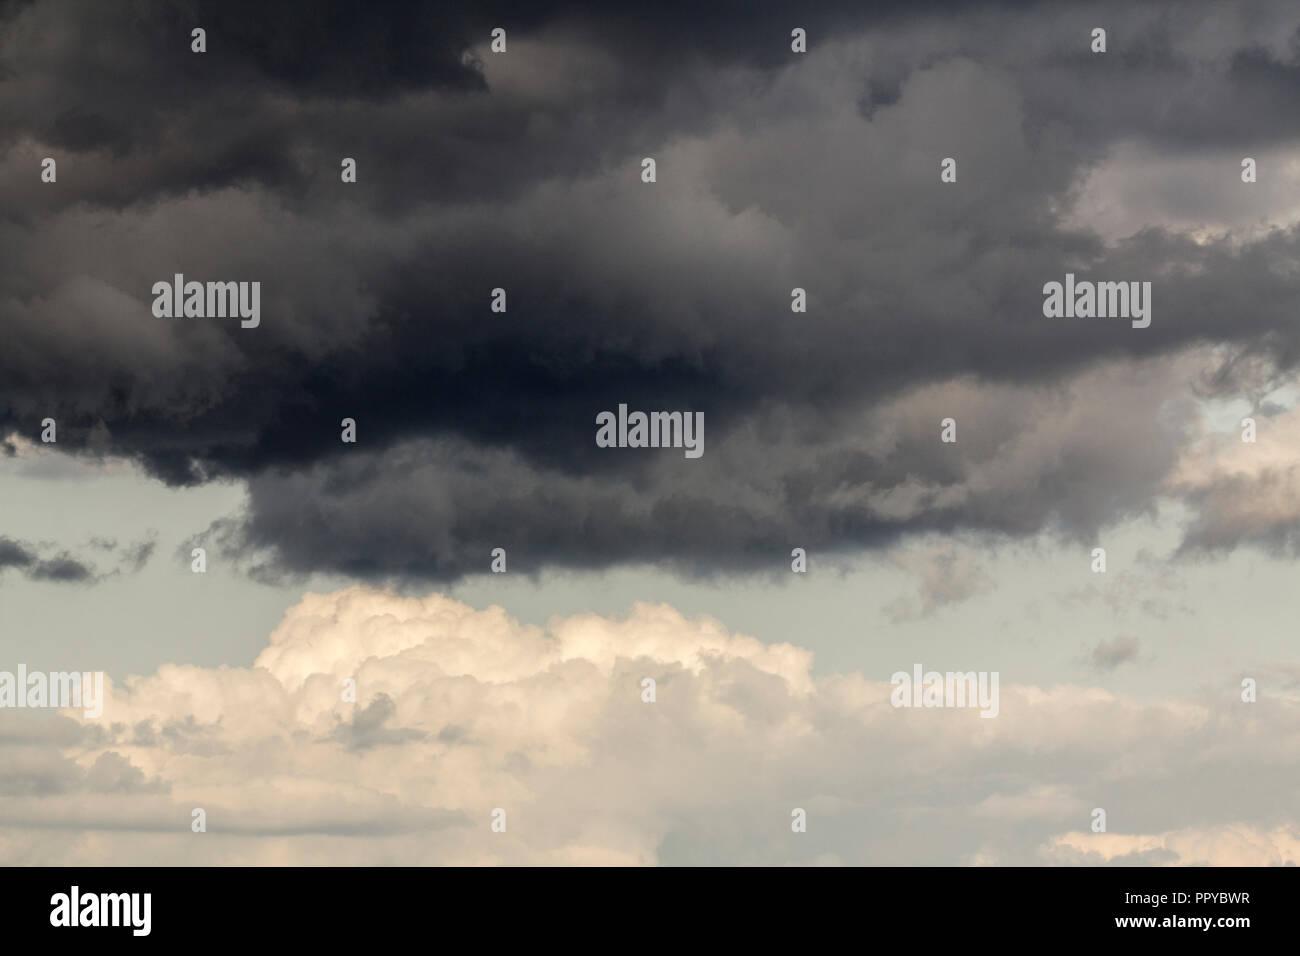 Nuage noir en gris ciel bleu nuages blancs withy prises au 150 mm sur un objectif zoom la fin de l'été 2018. Les nuages sombres se distingue nettement d'un air menaçant. Photo Stock